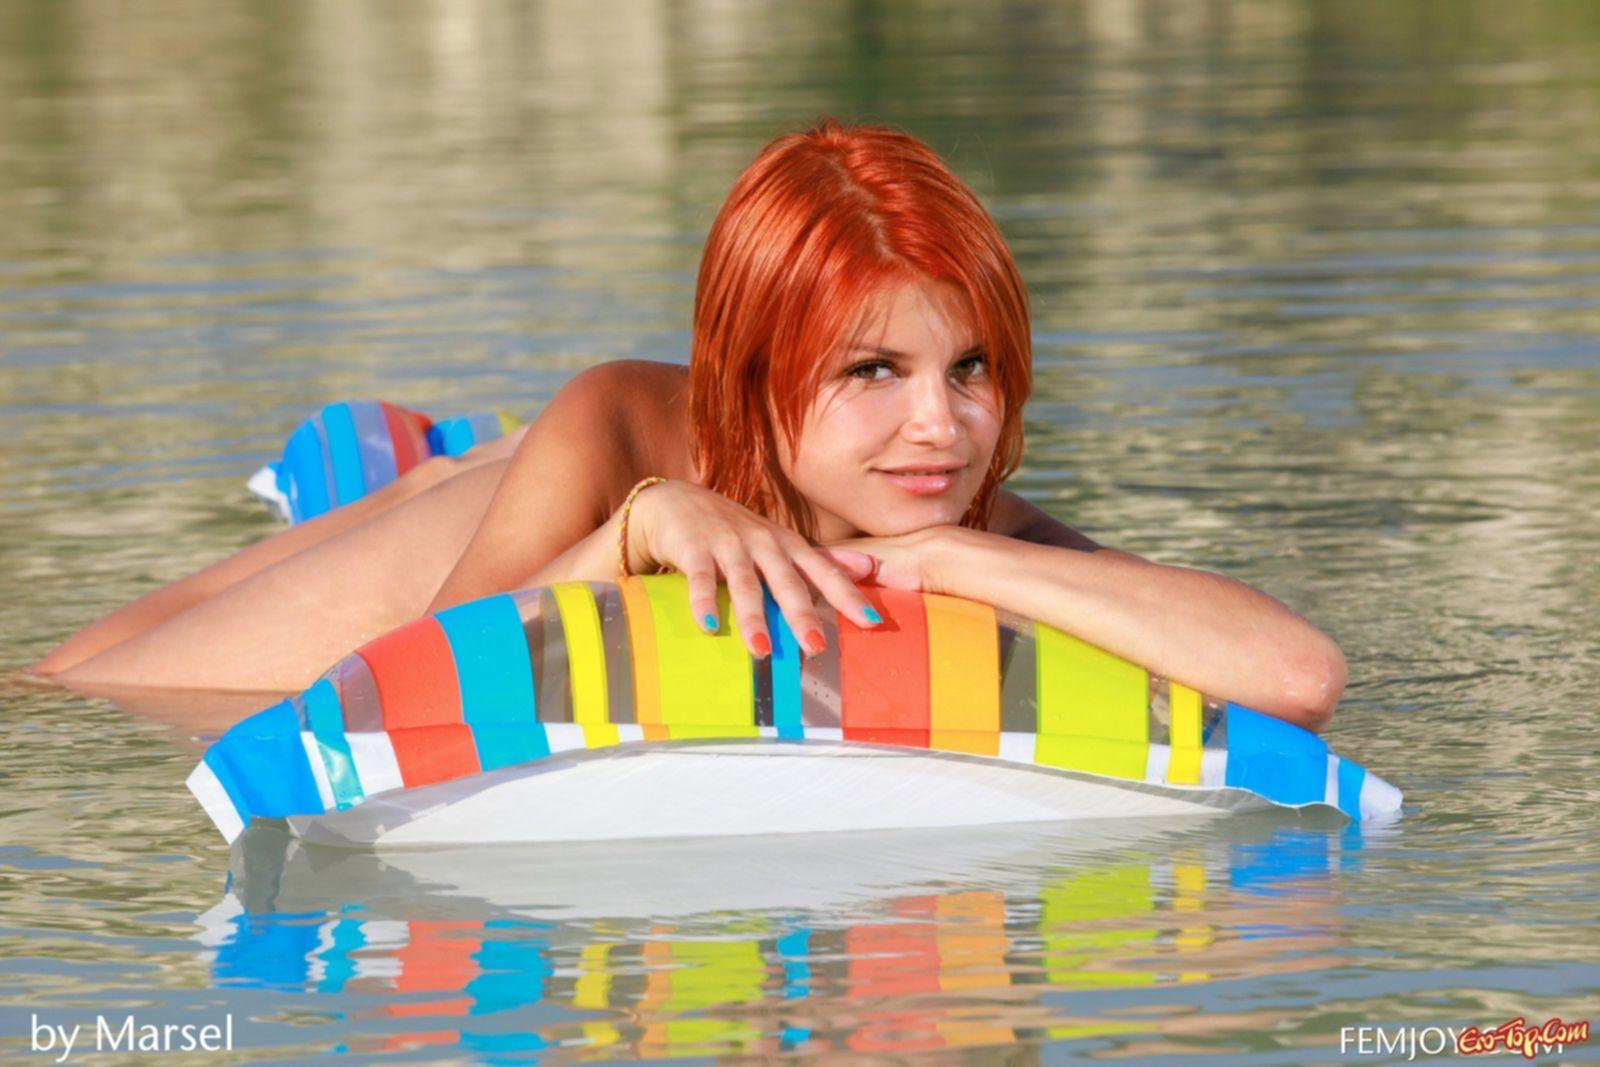 Голая рыжая девушка купается на надувном матраце.